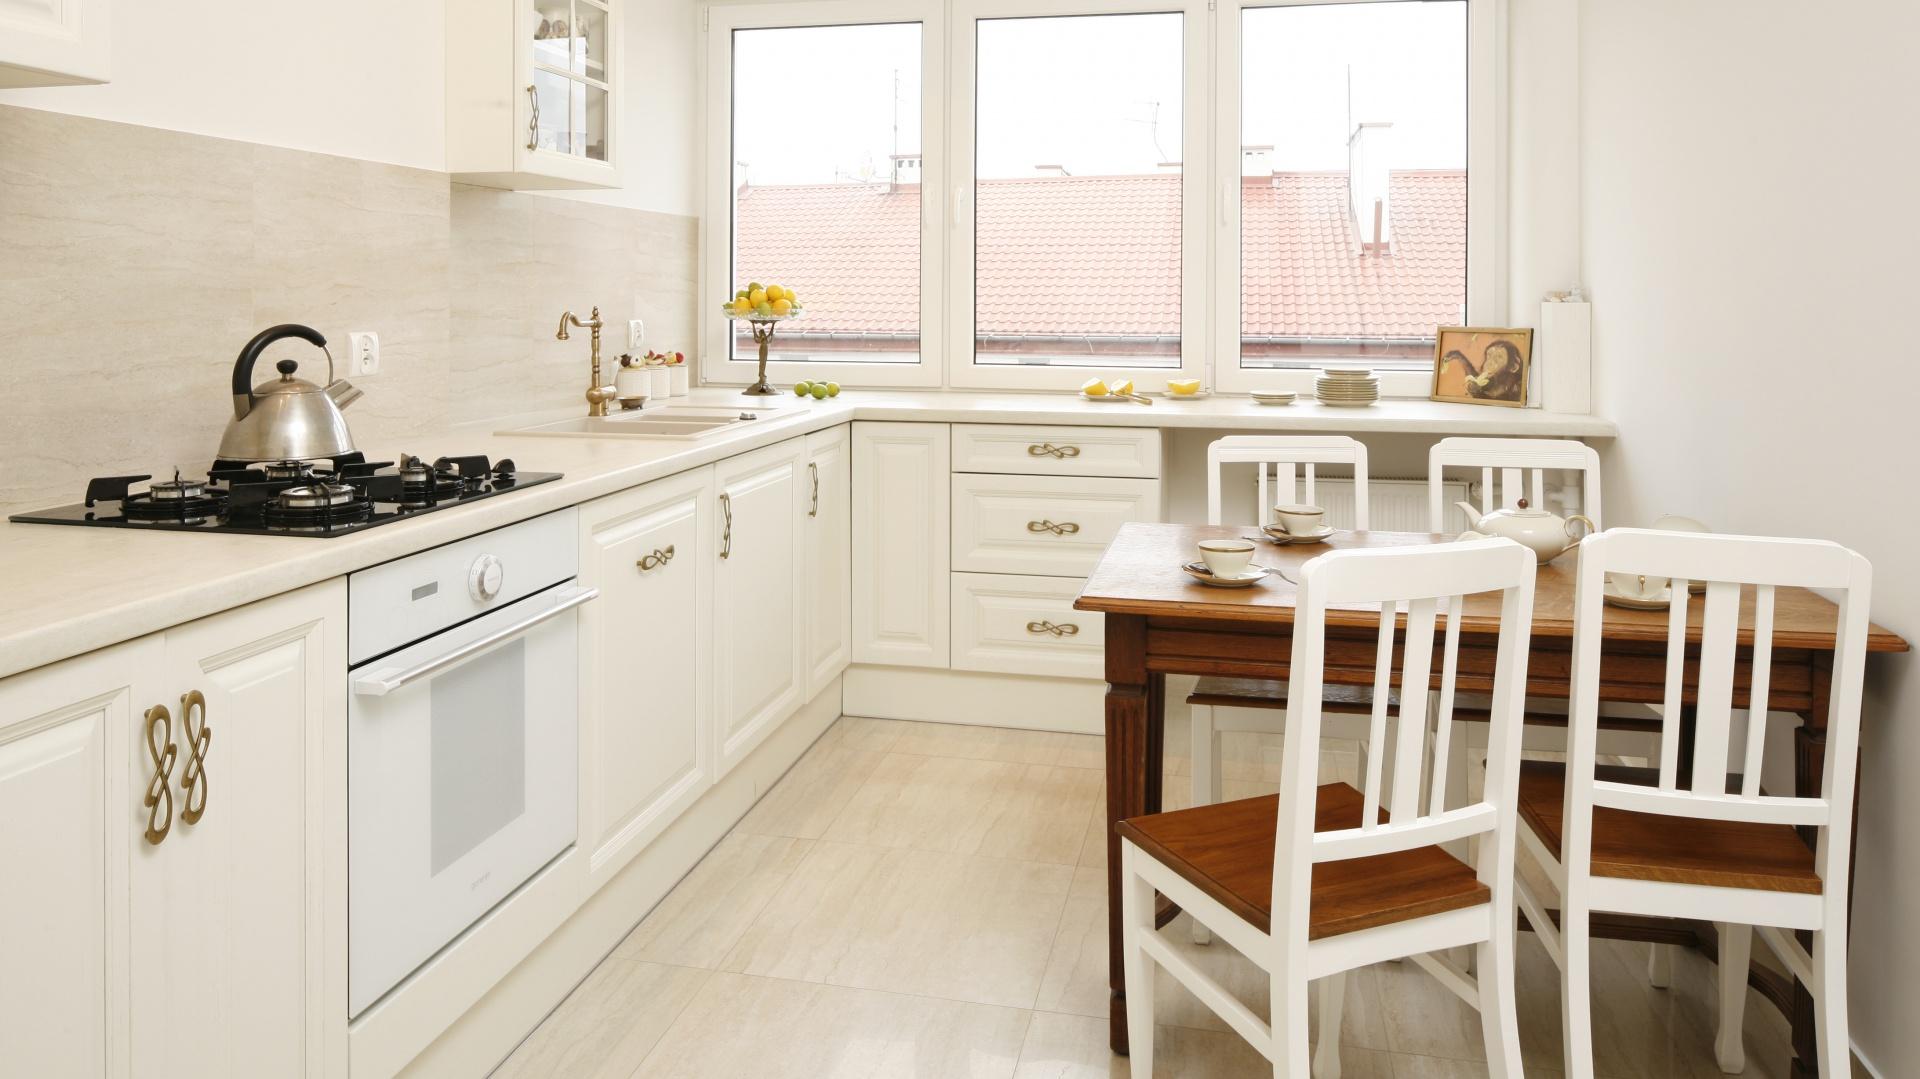 Lubisz Klasyczne Aranzacje Zobacz Mieszkanie Z Piekna Biala Kuchnia